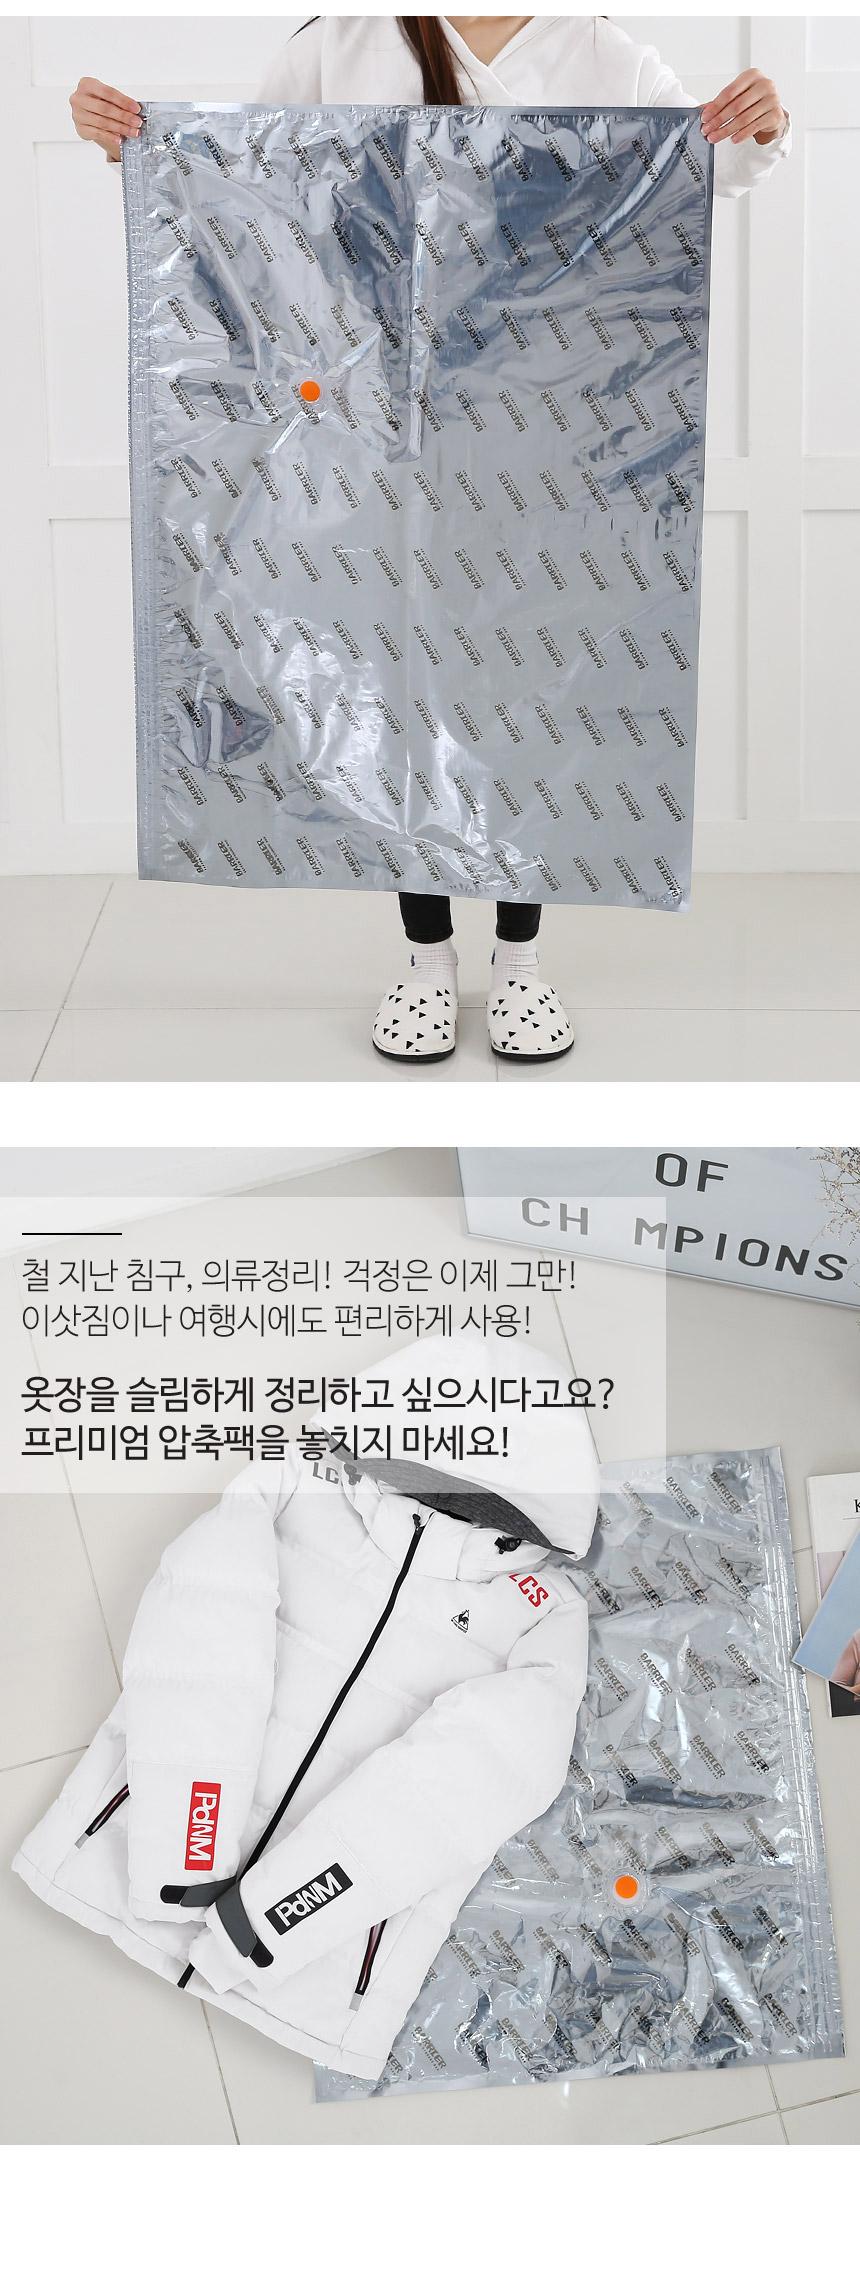 국산 와이즈 옷걸이 압축팩 클립형 3종 1택 - 더홈, 9,900원, 의류커버/압축팩, 이불용 압축팩